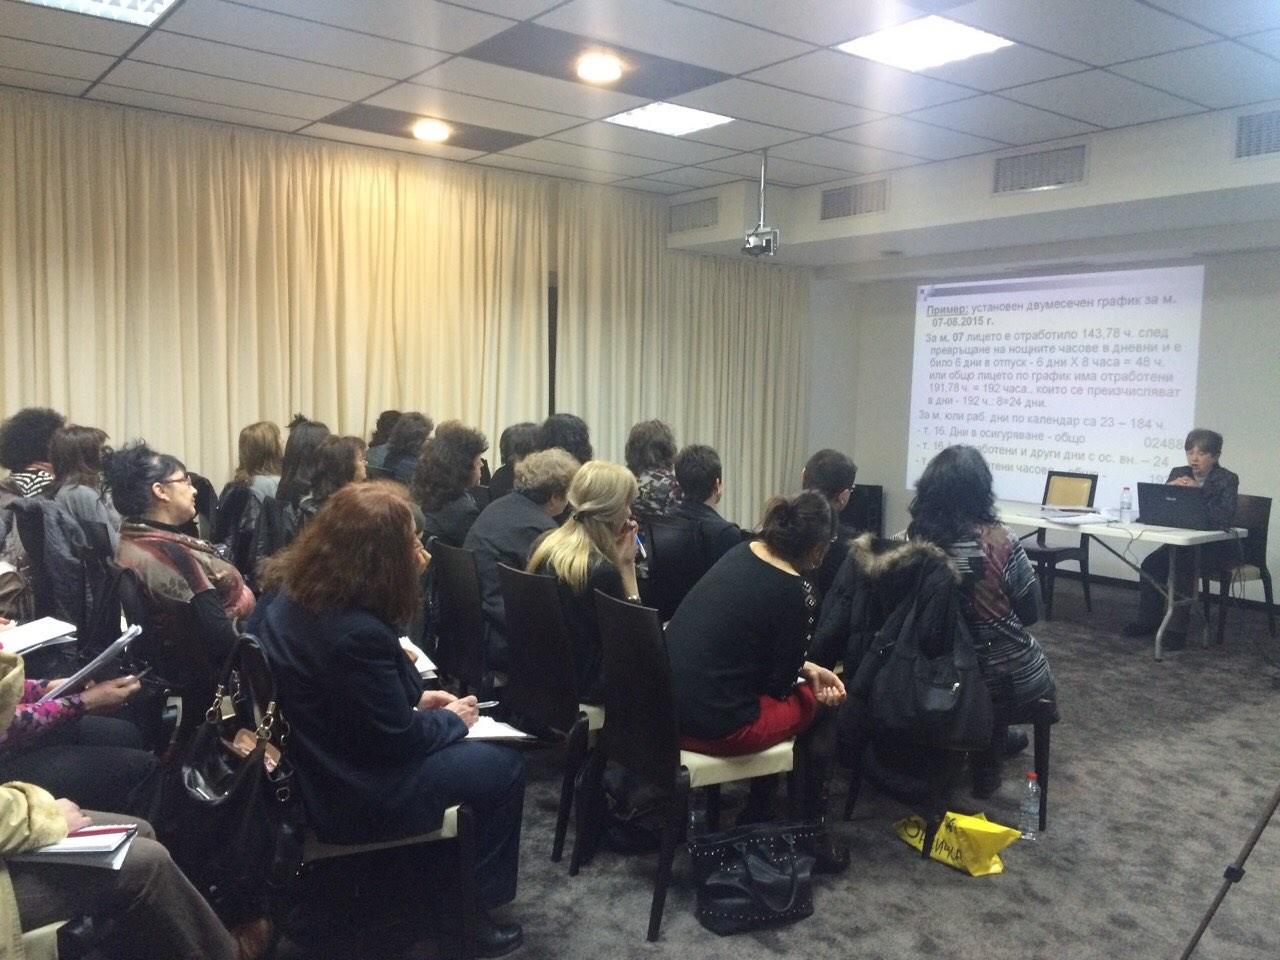 Експерт по социално осигуряване Румяна Станчева ни запозна с актуалните промени в социалното и здравно осигуряване за 2015